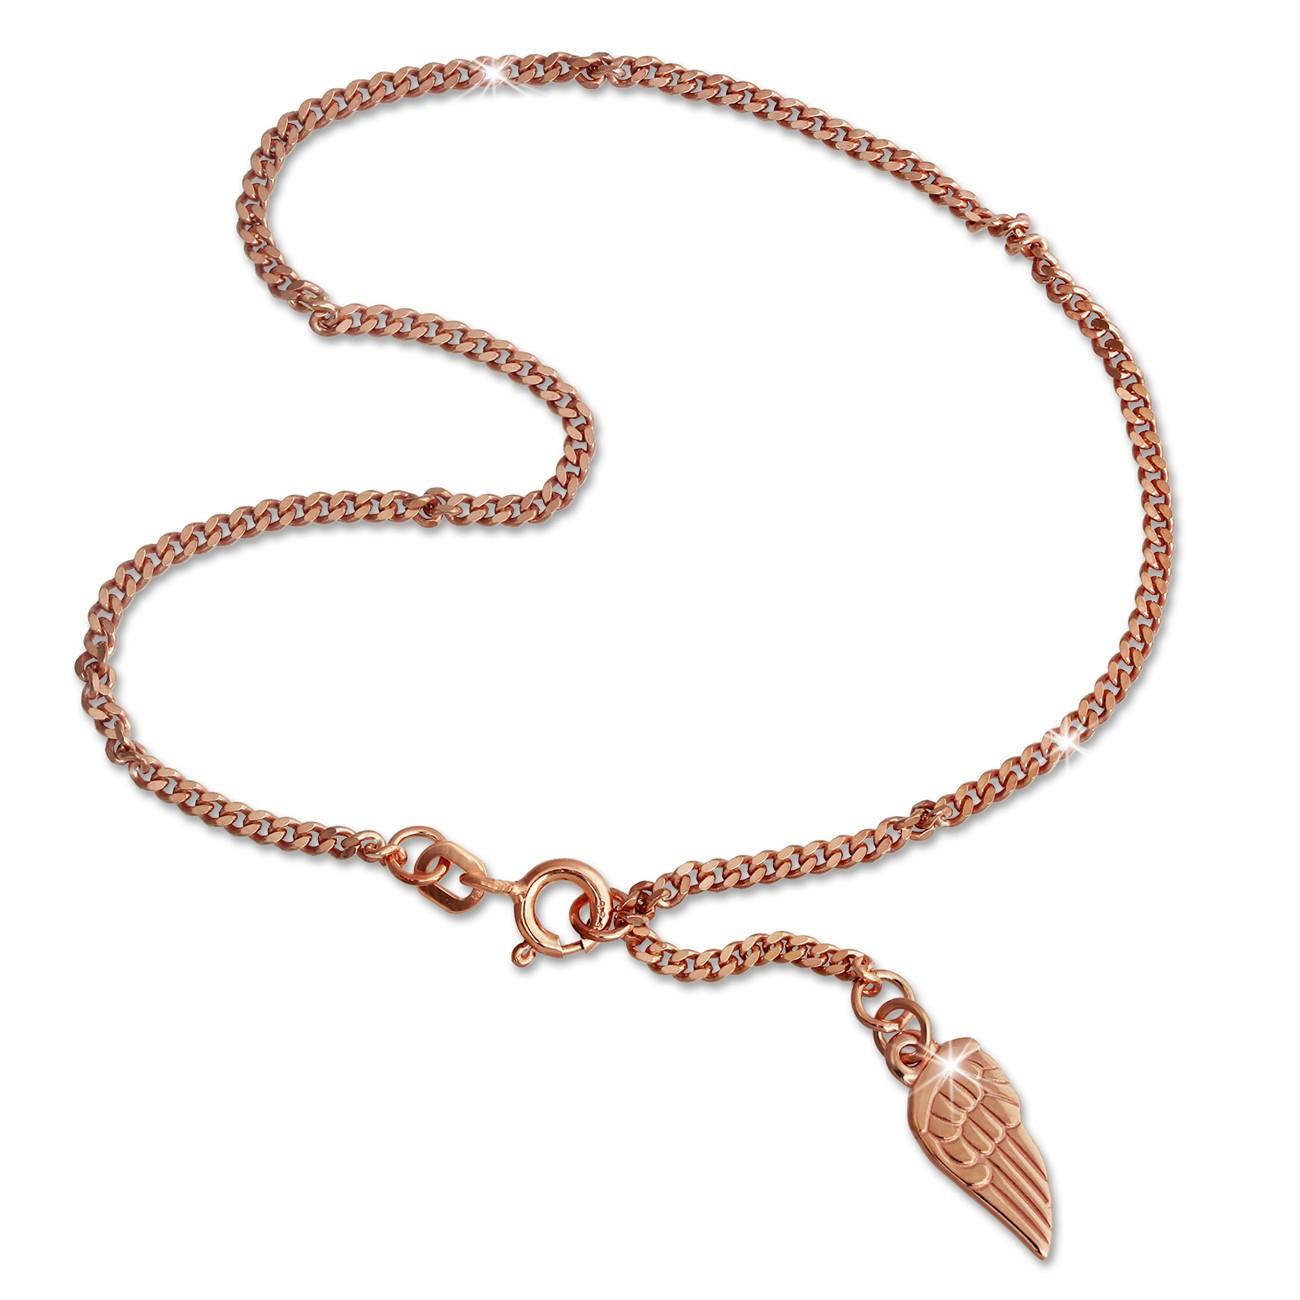 SilberDream Fußkette Flügel 26cm Rose vergoldet und 925 Silber SDF0285E